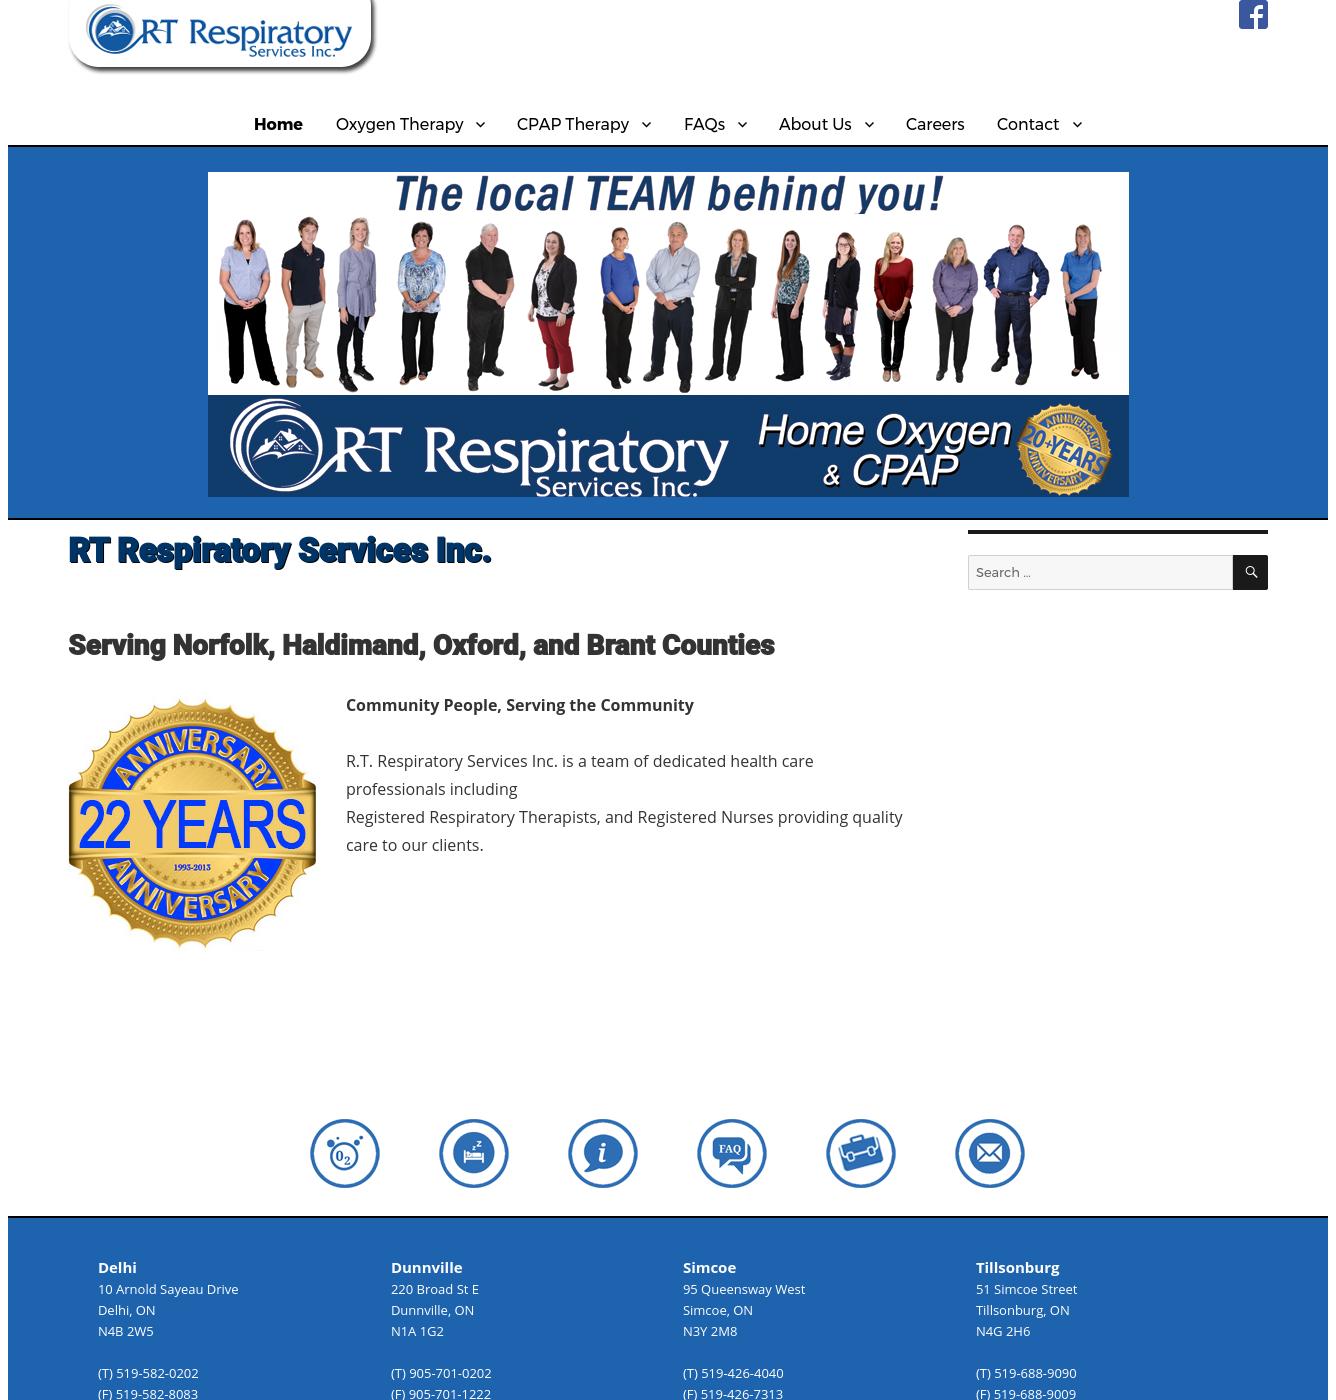 RT Respiratory